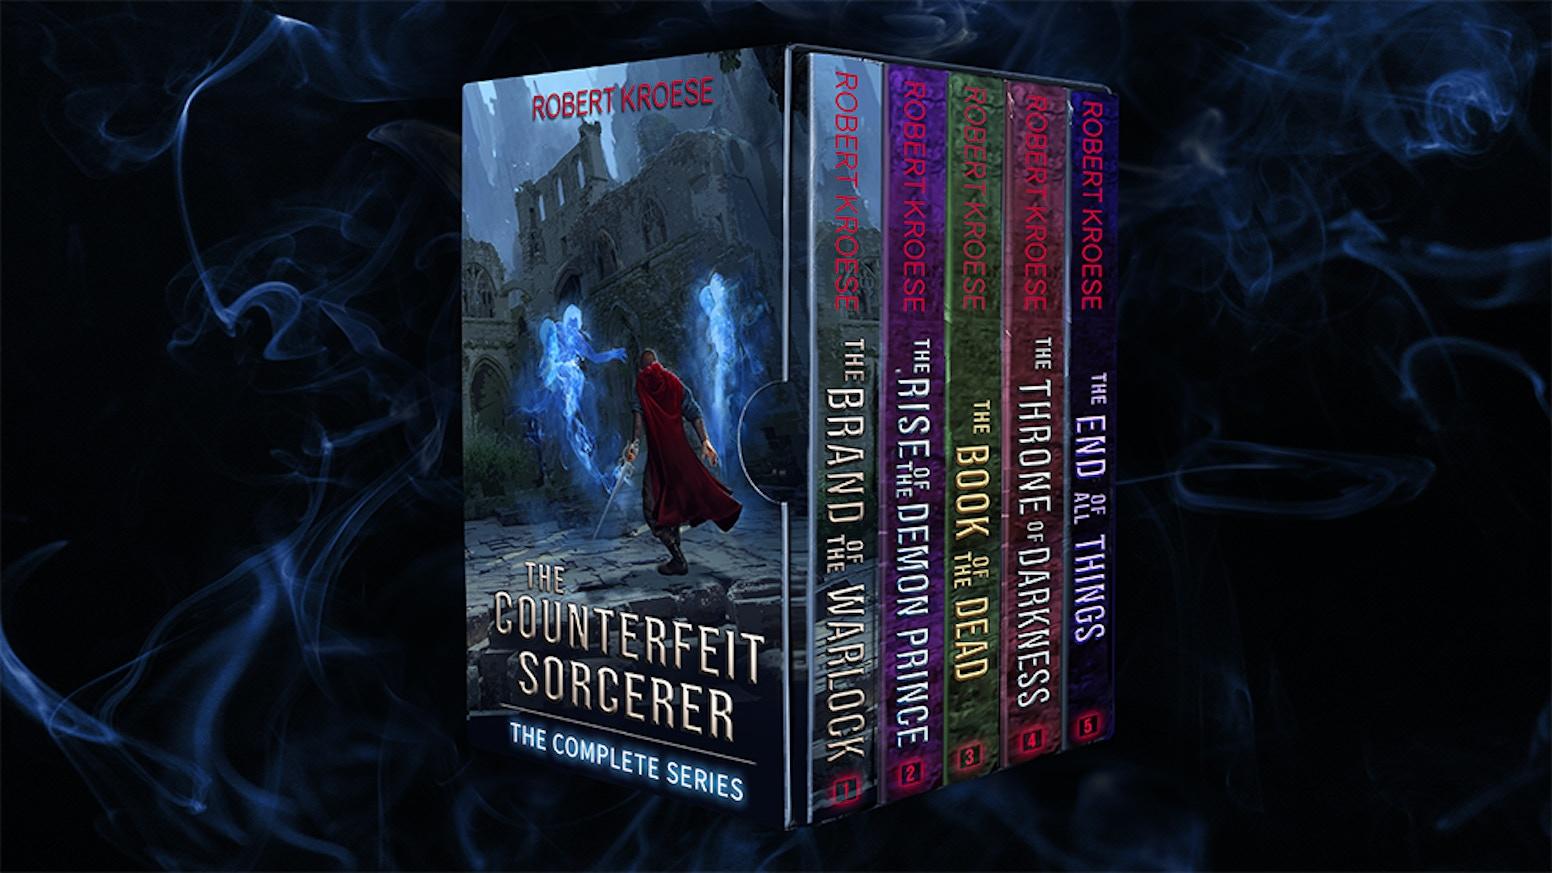 The Counterfeit Sorcerer by Robert Kroese — Kickstarter